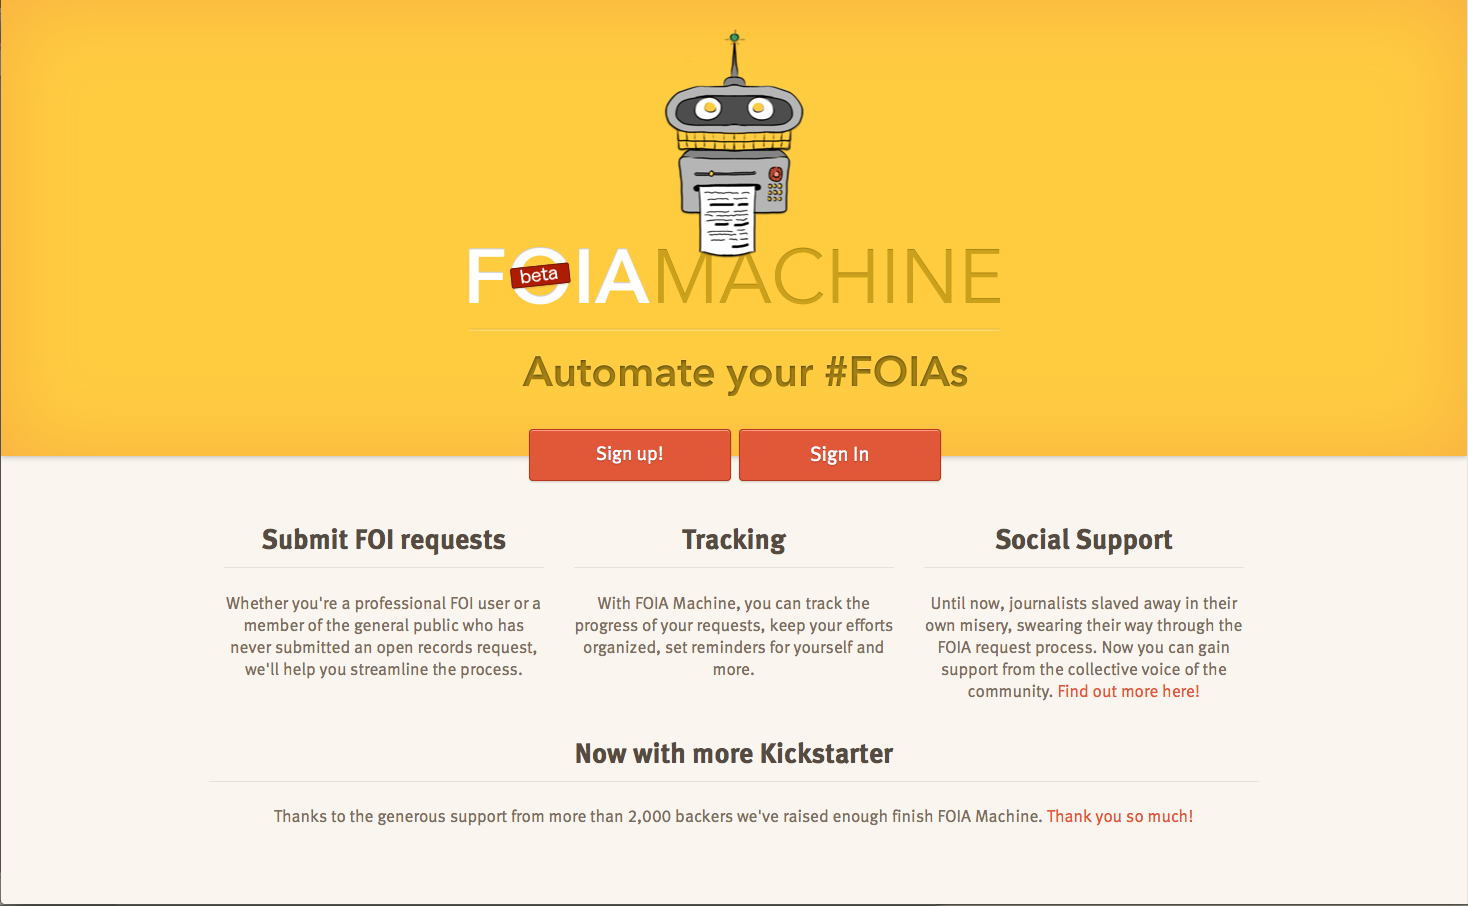 foia machine